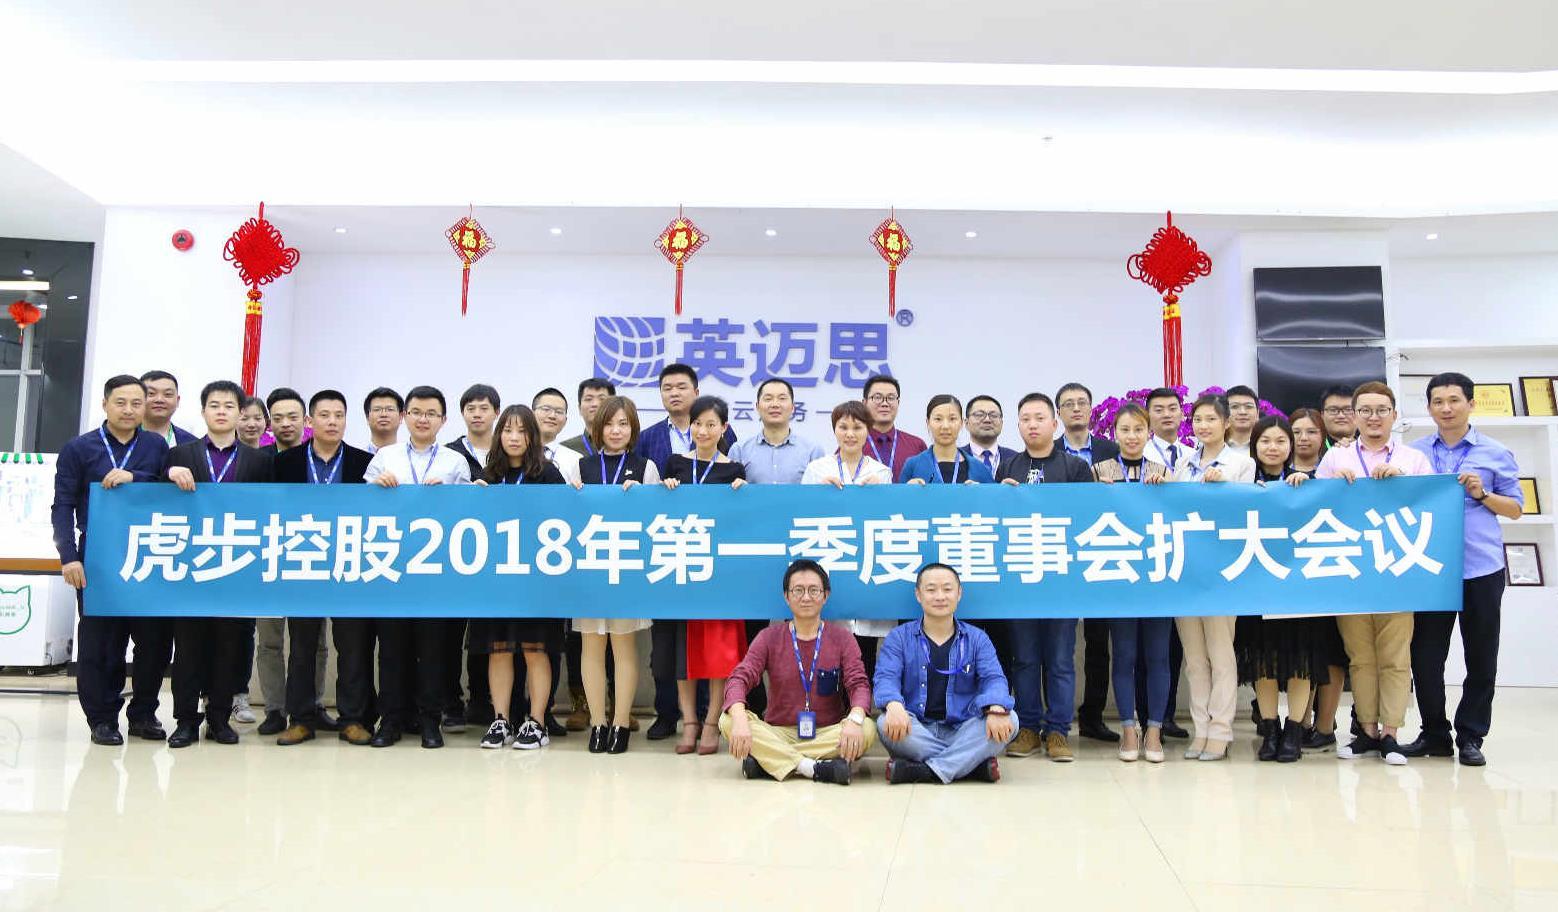 以奋斗者为本!虎步控股2018年第一季度董事会扩大会议圆满结束